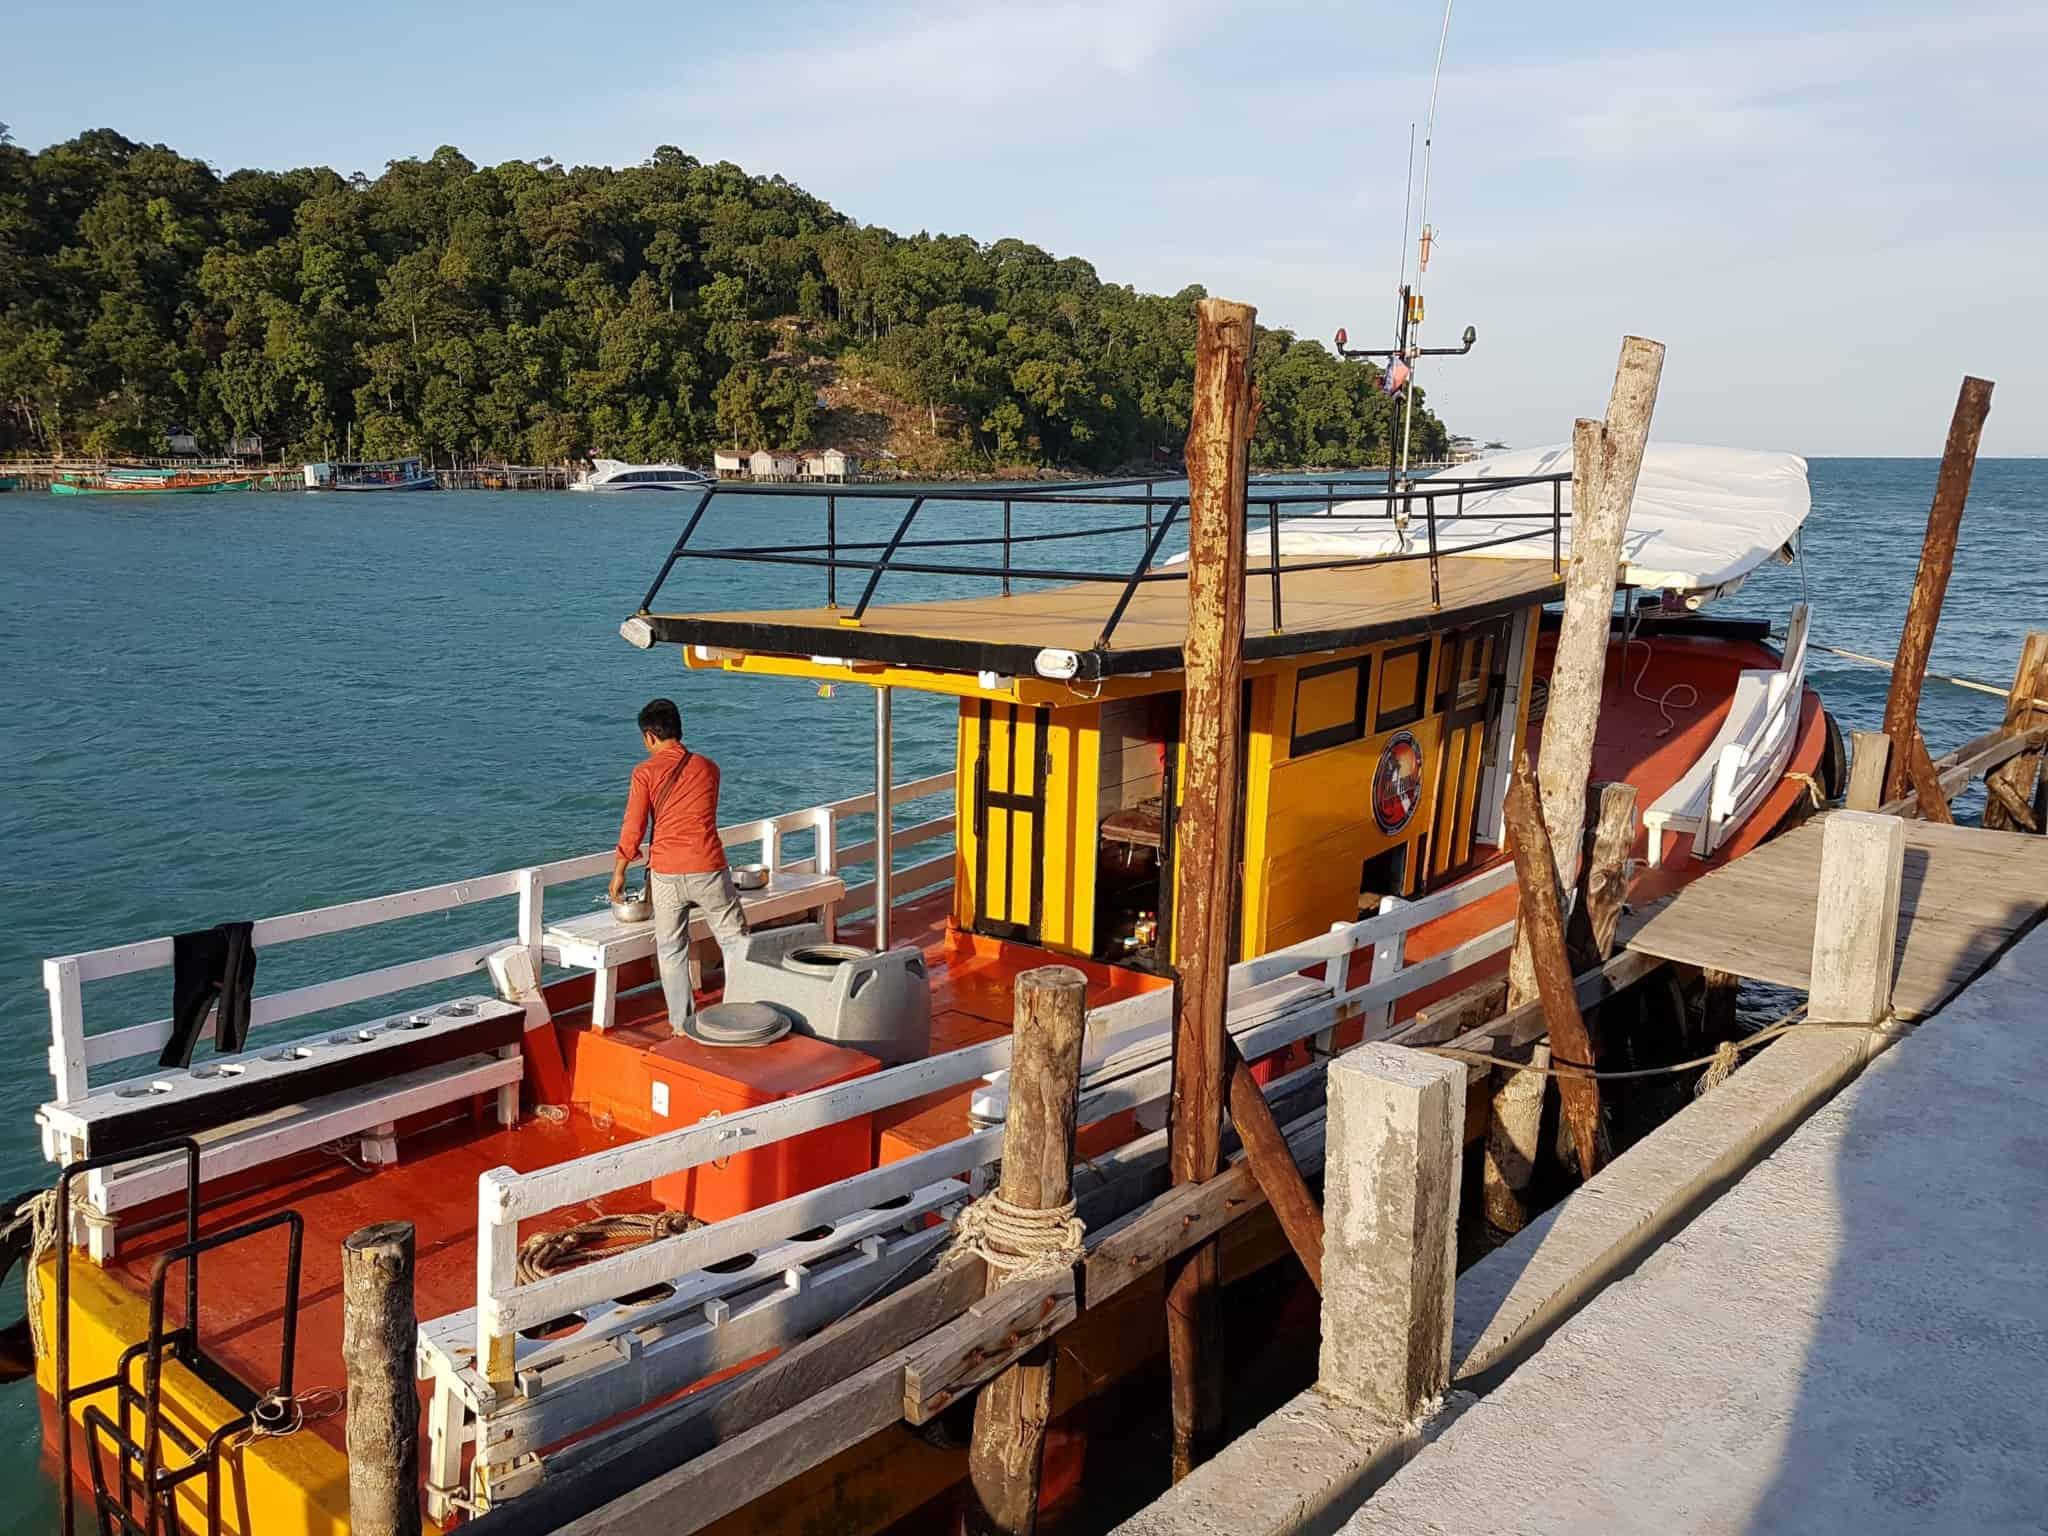 Cambodge, quand une rencontre t'amène sur une île paradisiaque 🌴 14